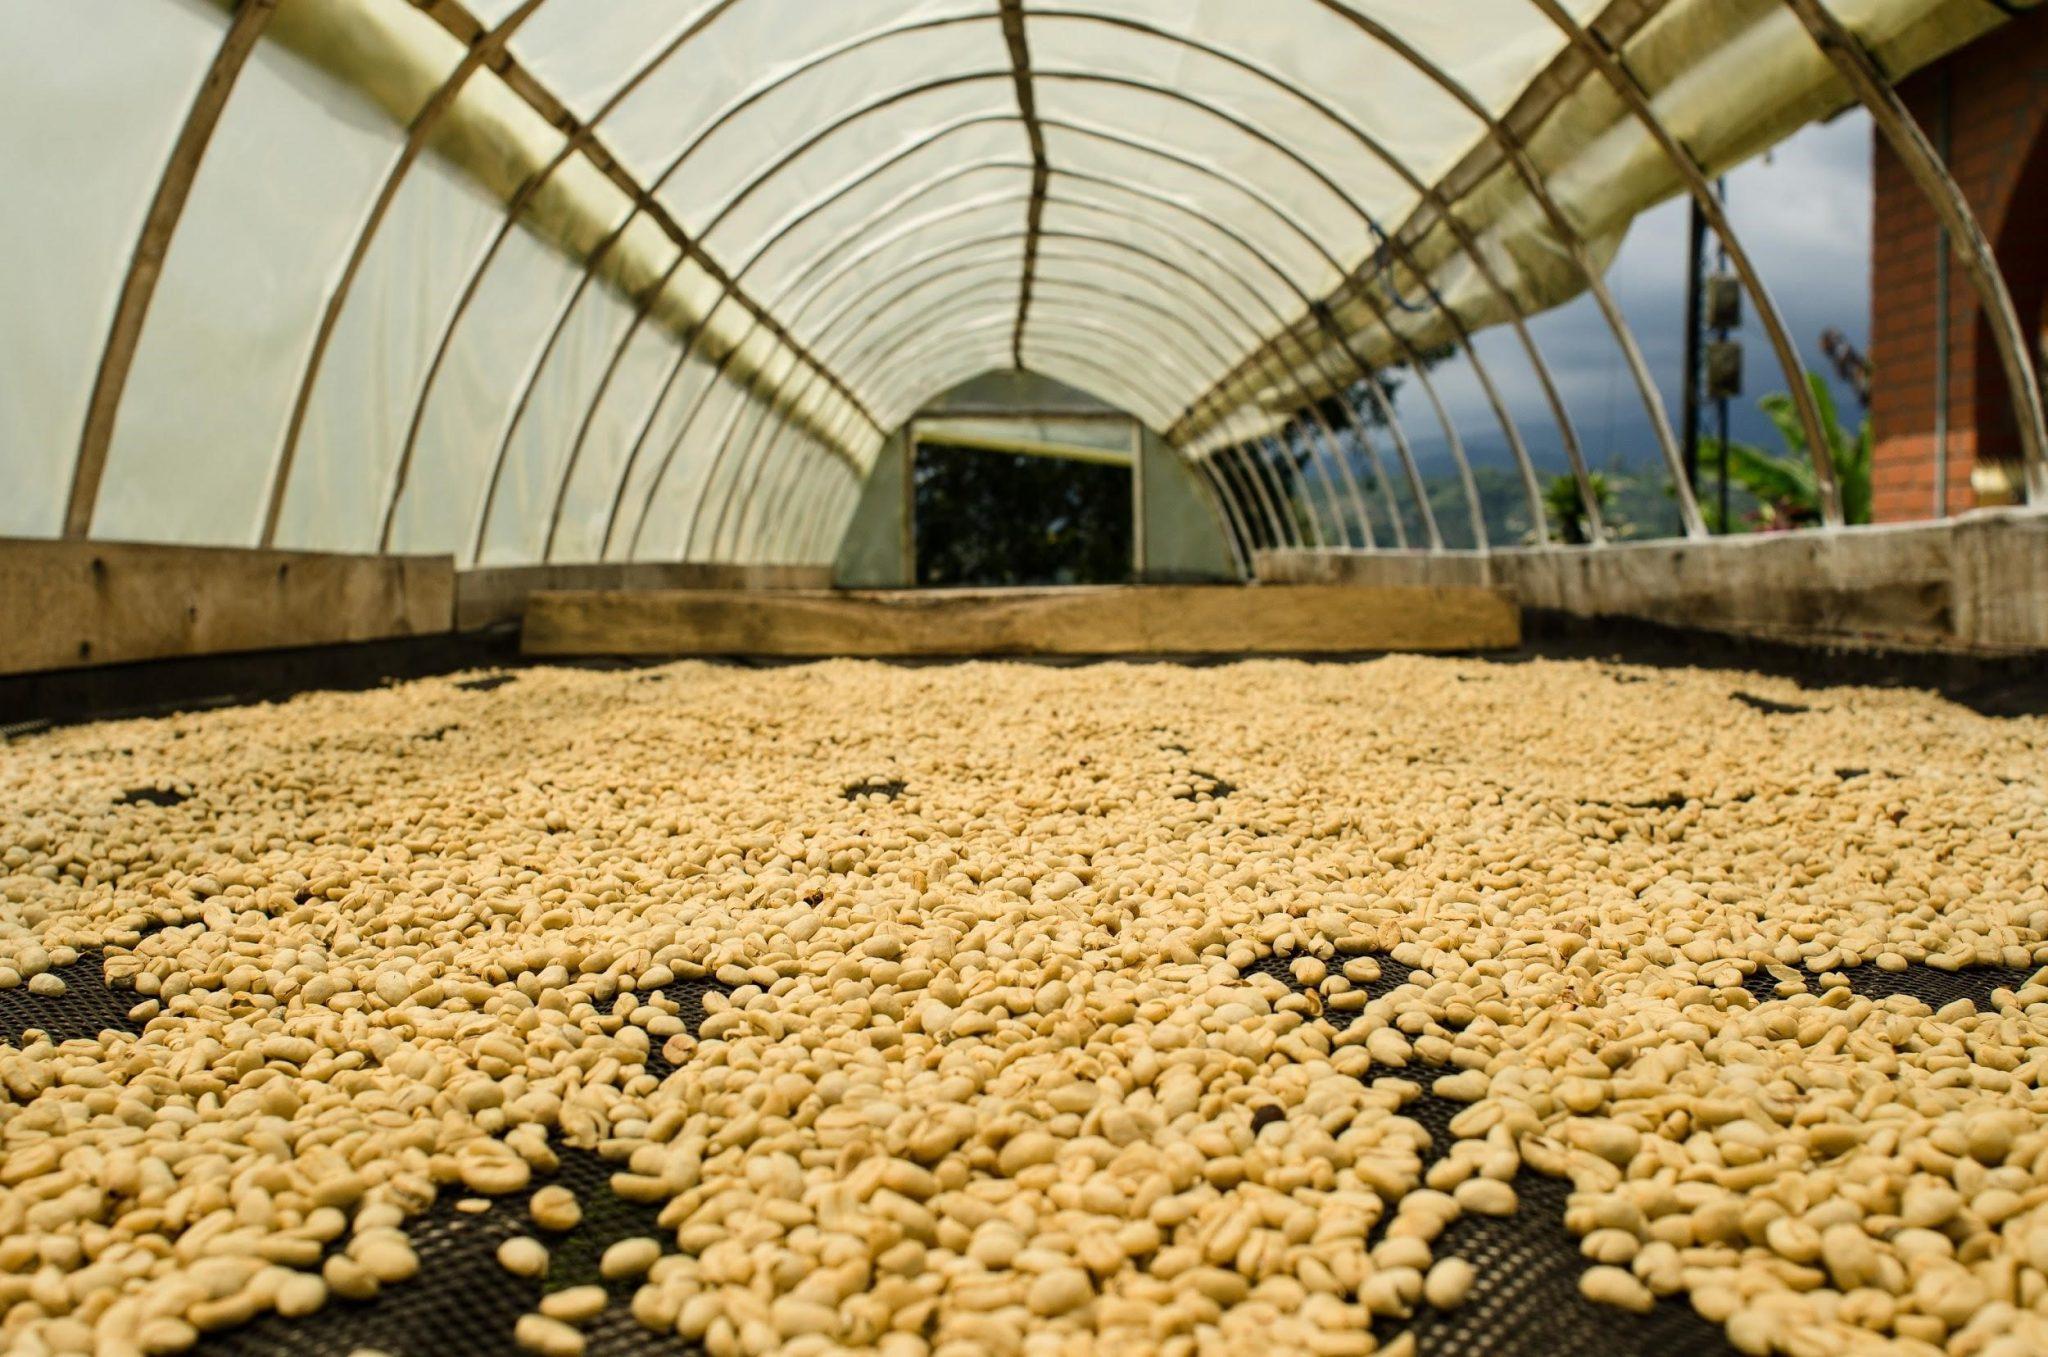 cafe pergamino en camas elevadas secandose